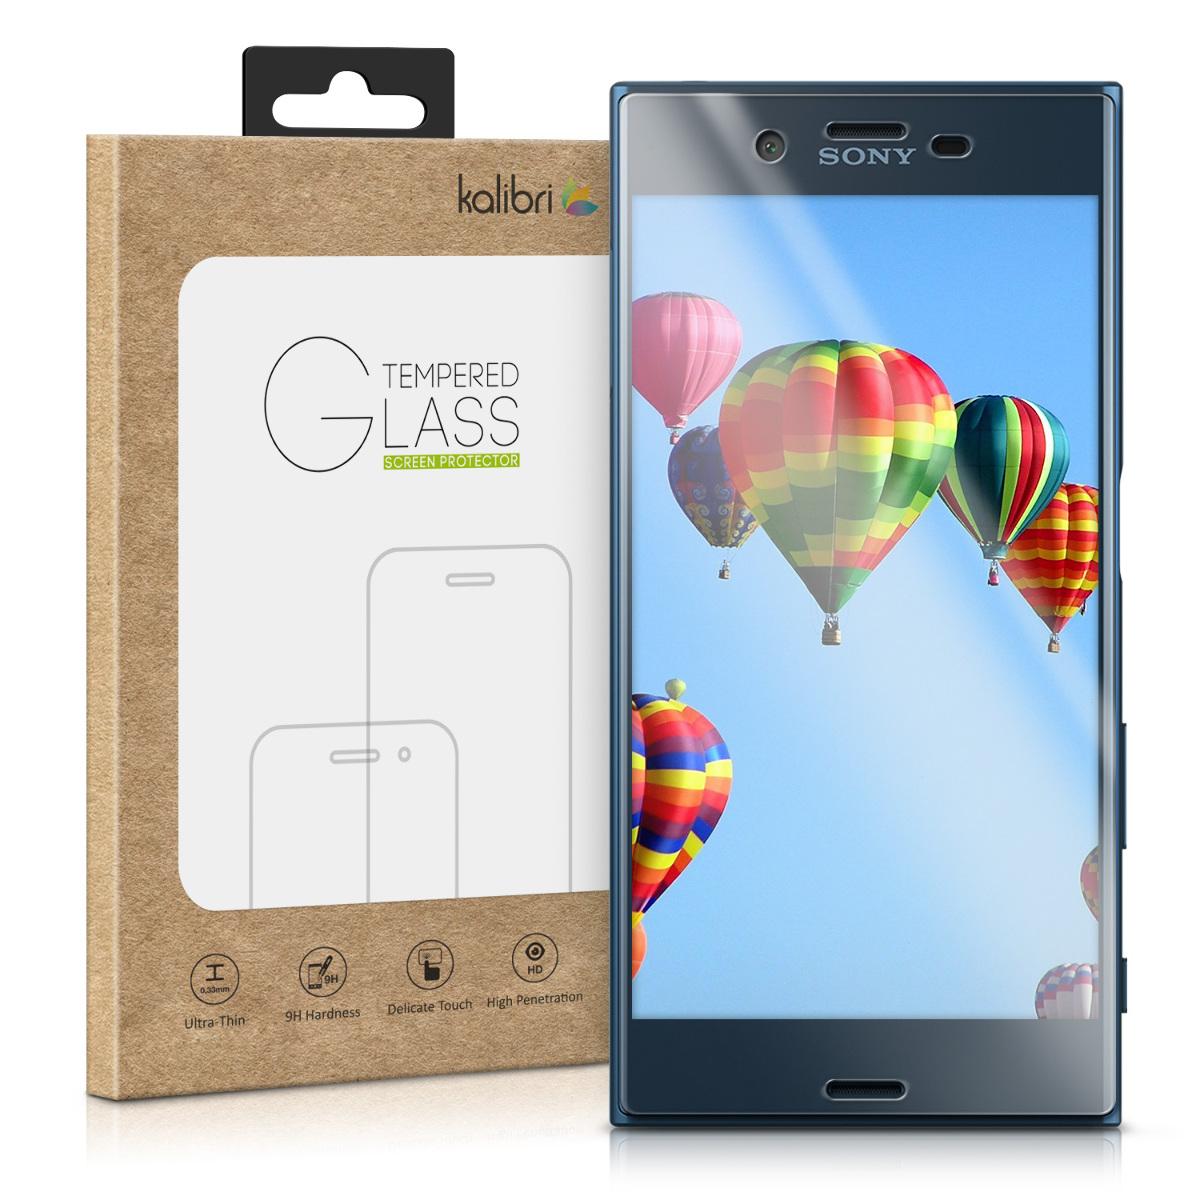 Skleněné pouzdro | obal pro Sony Xperia XZ / XZs - průhledné rámeček